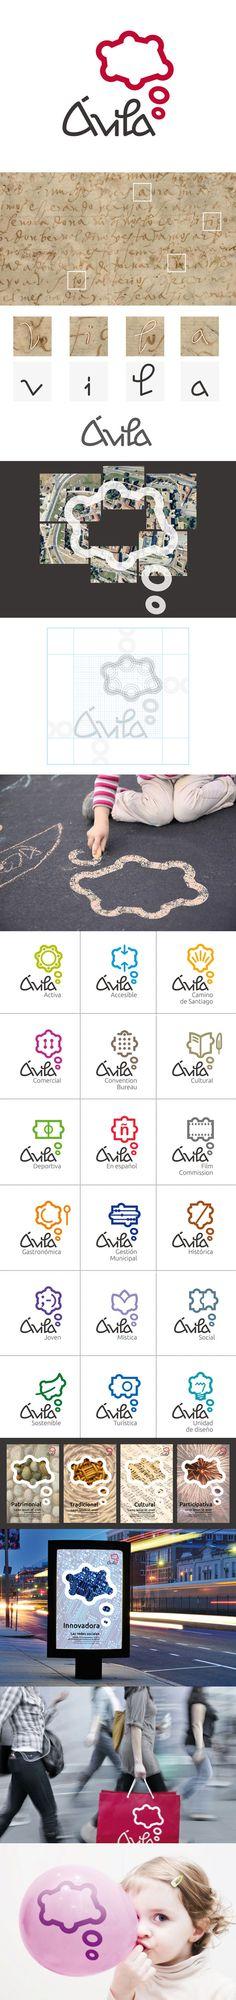 Ter os logos das uniões todos em sintonia, e em sintonia com o logo do ISCTE-IUL